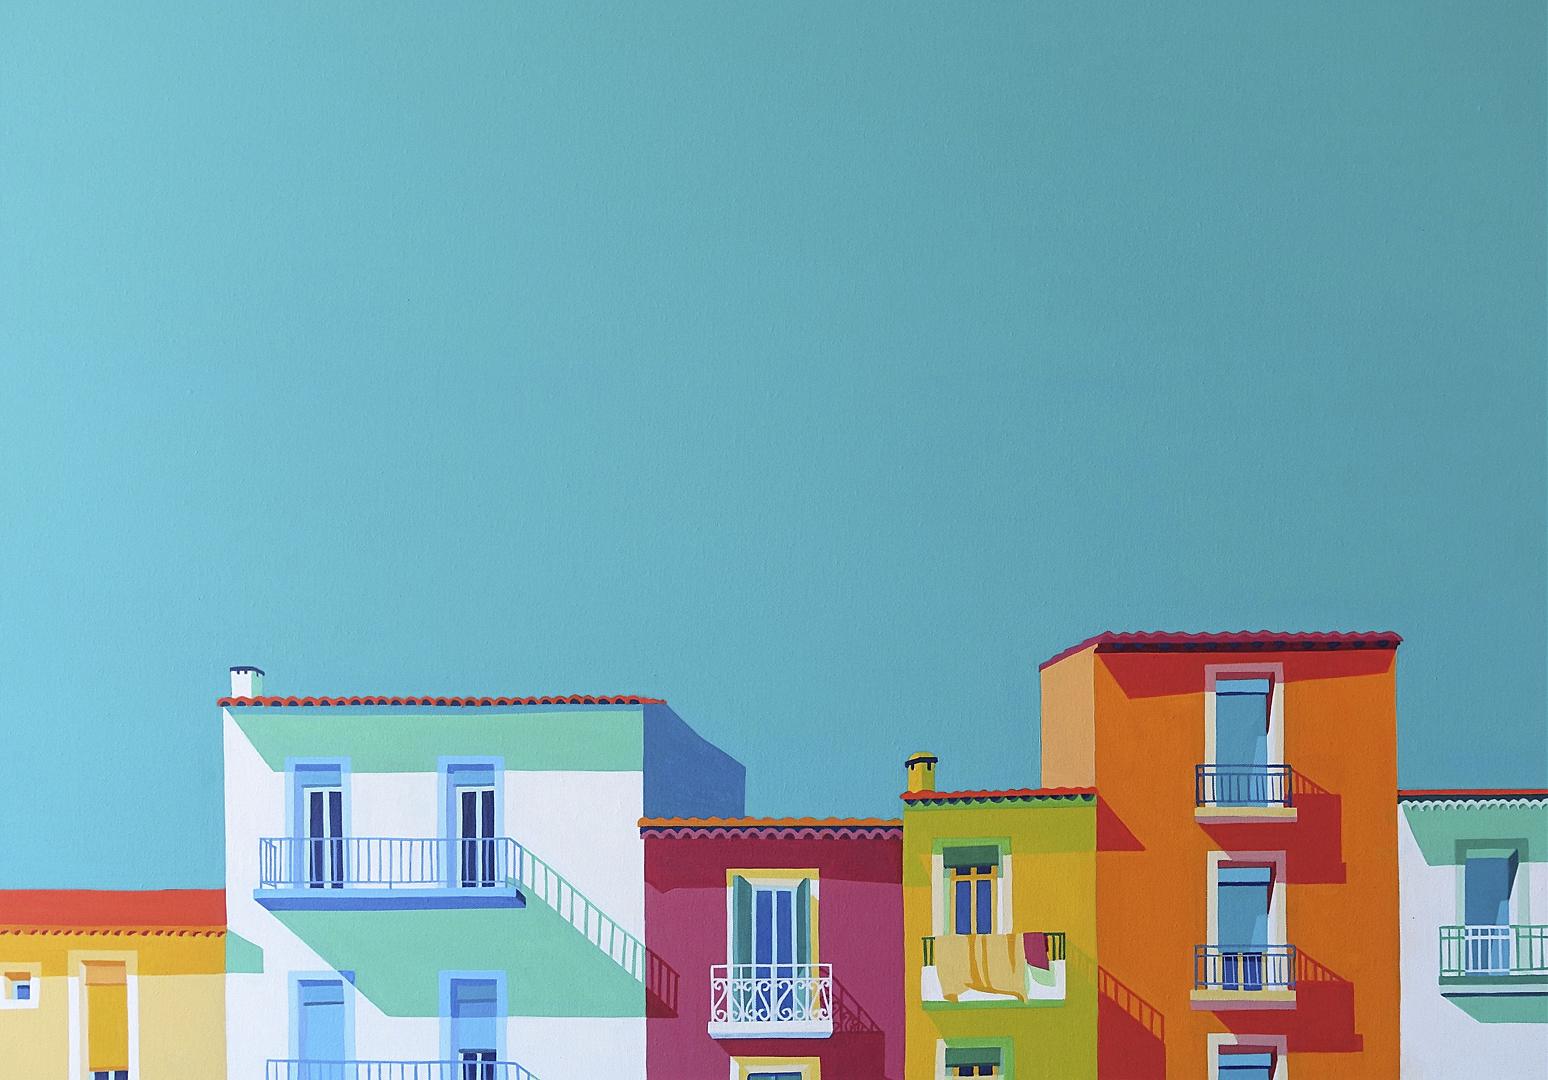 Farbige Häuserzeile